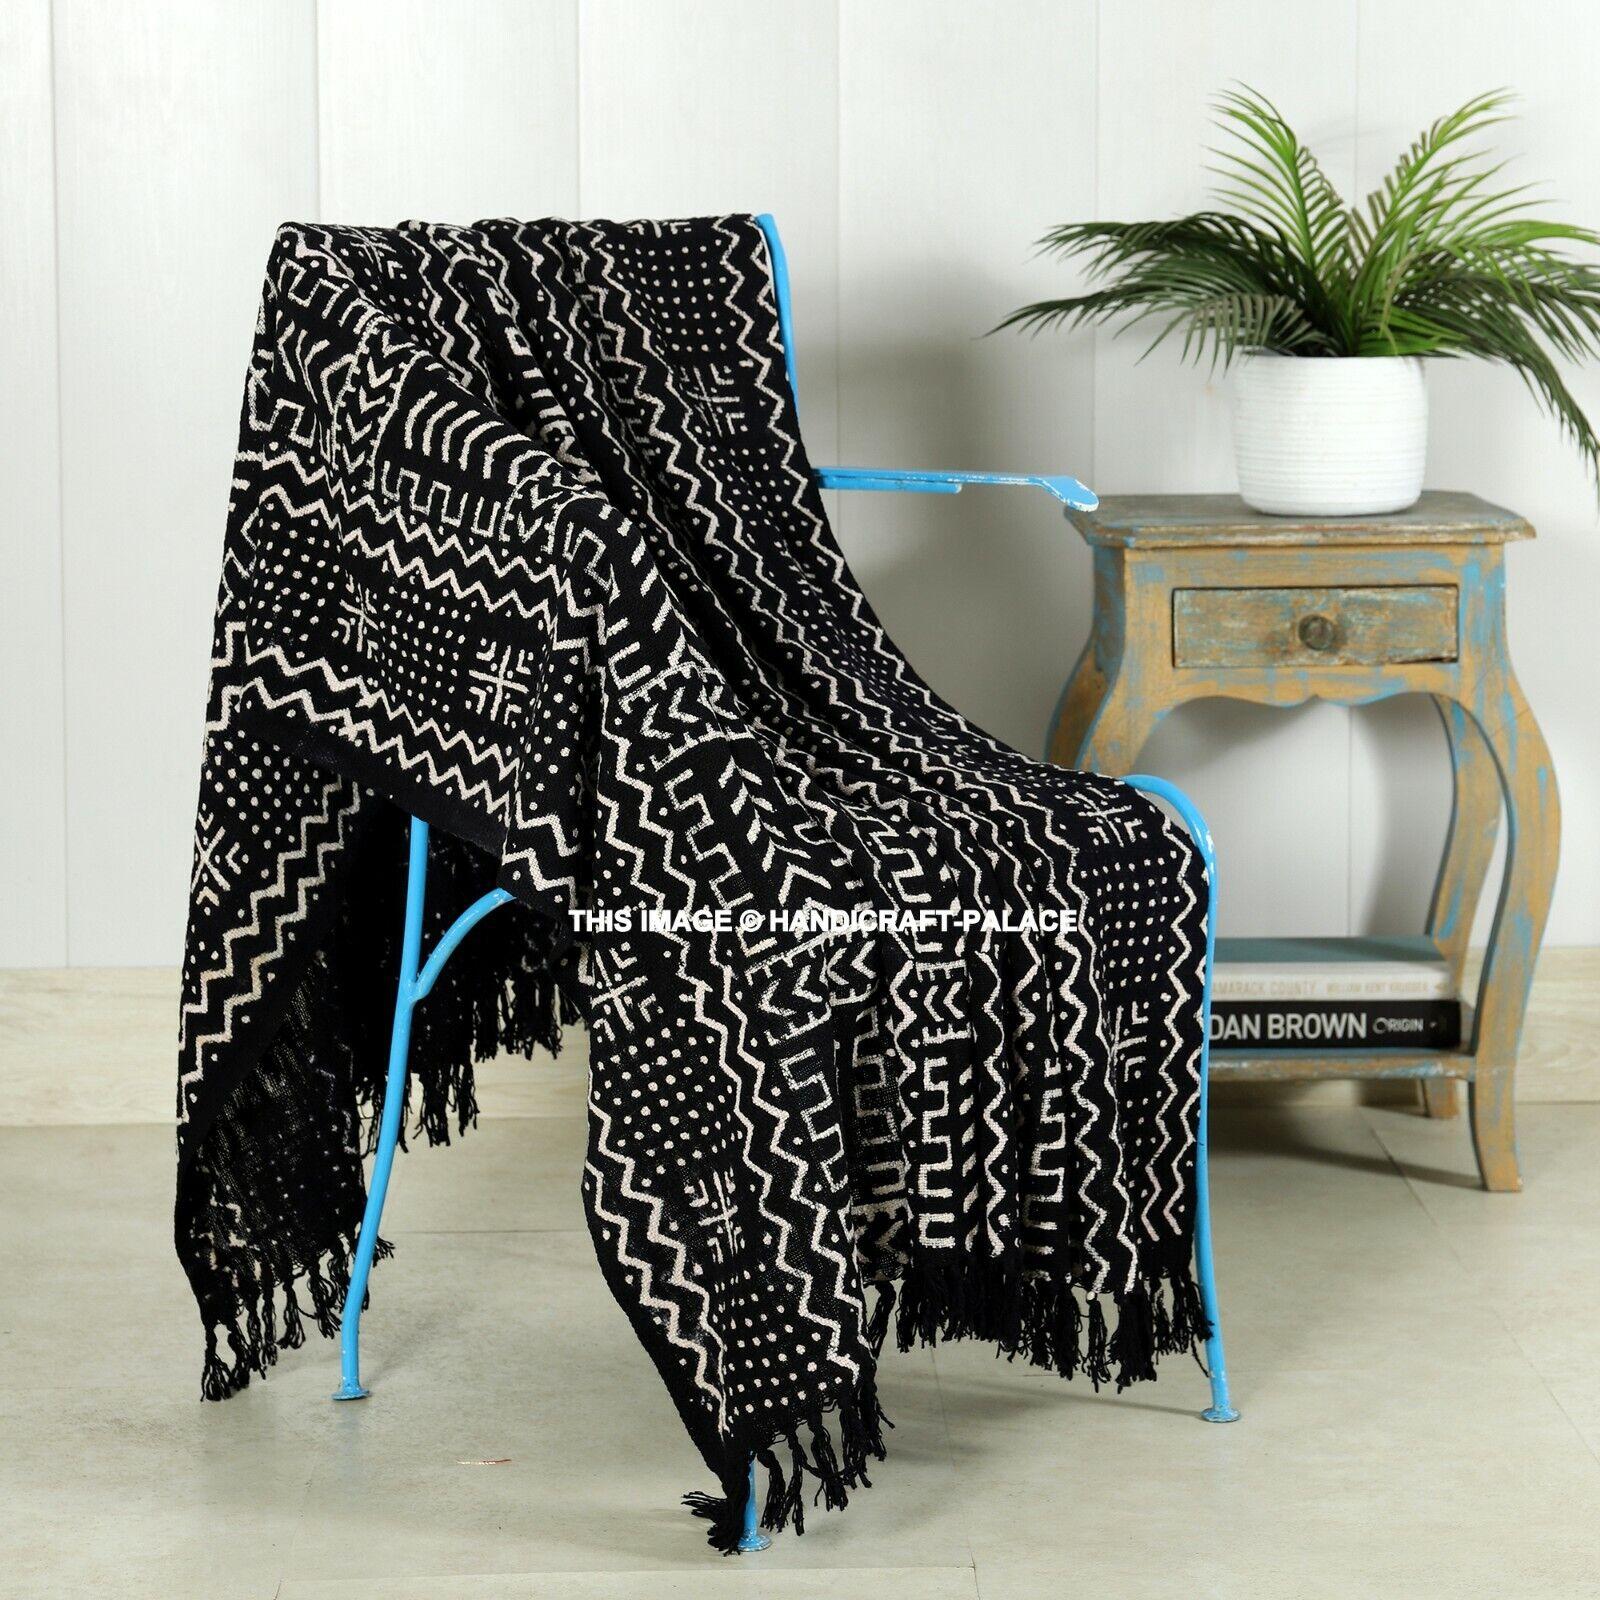 Luxus Groß 100% Baumwolle Sofa/Bett Überwurf Hand Block Printed Schlamm Schwarz